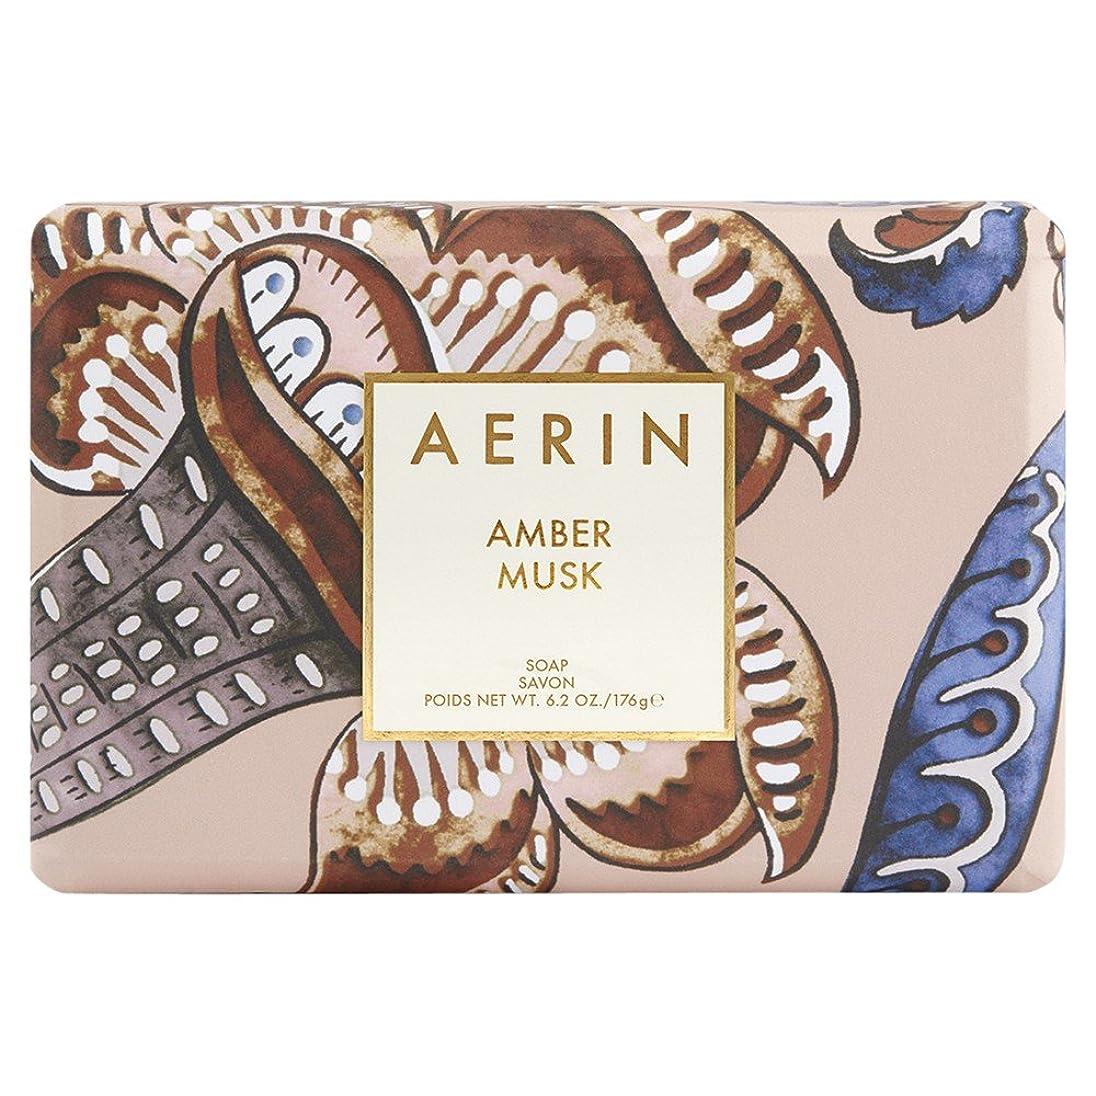 ポールイライラするマンモスAerinアンバームスクソープ176グラム (AERIN) (x2) - AERIN Amber Musk Soap 176g (Pack of 2) [並行輸入品]